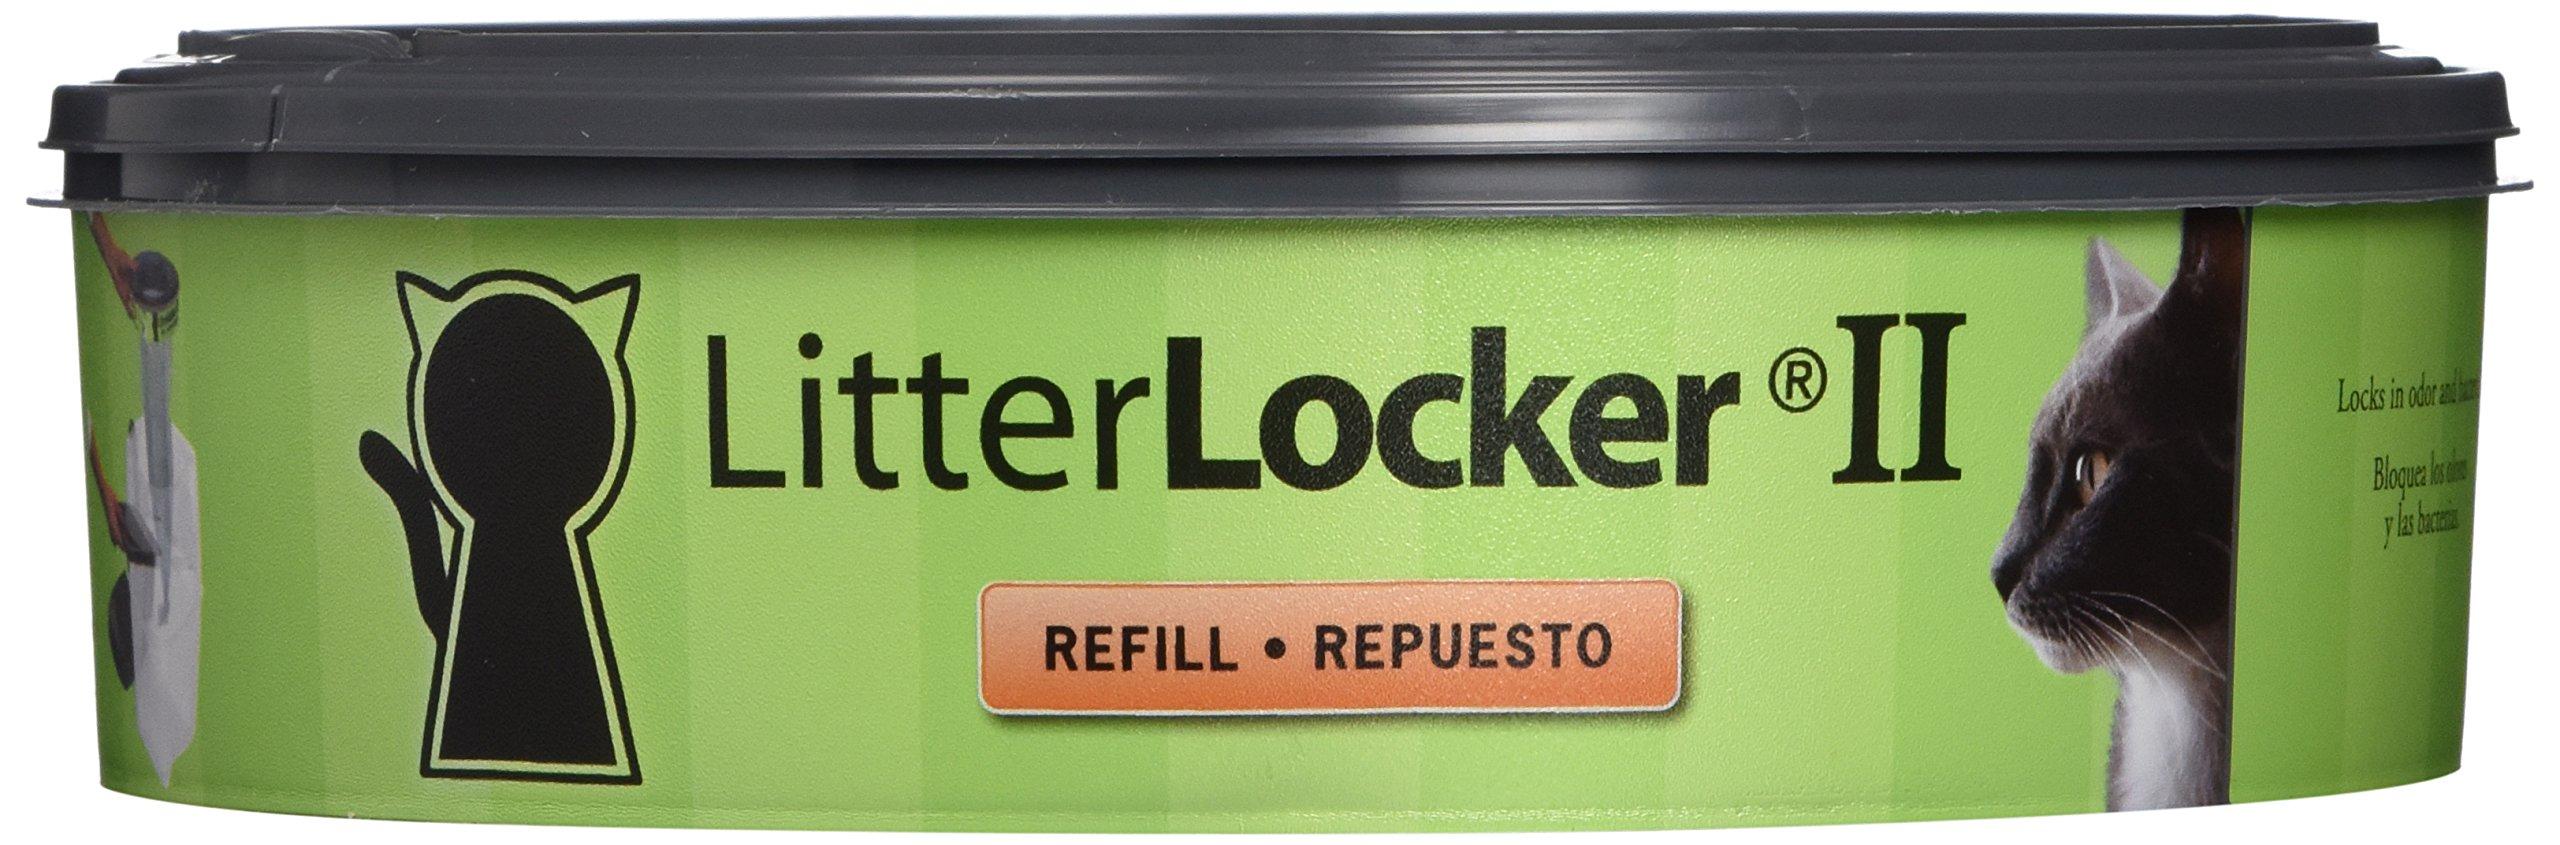 LitterLocker II 6-Pack Refill Cartridge by LitterLocker